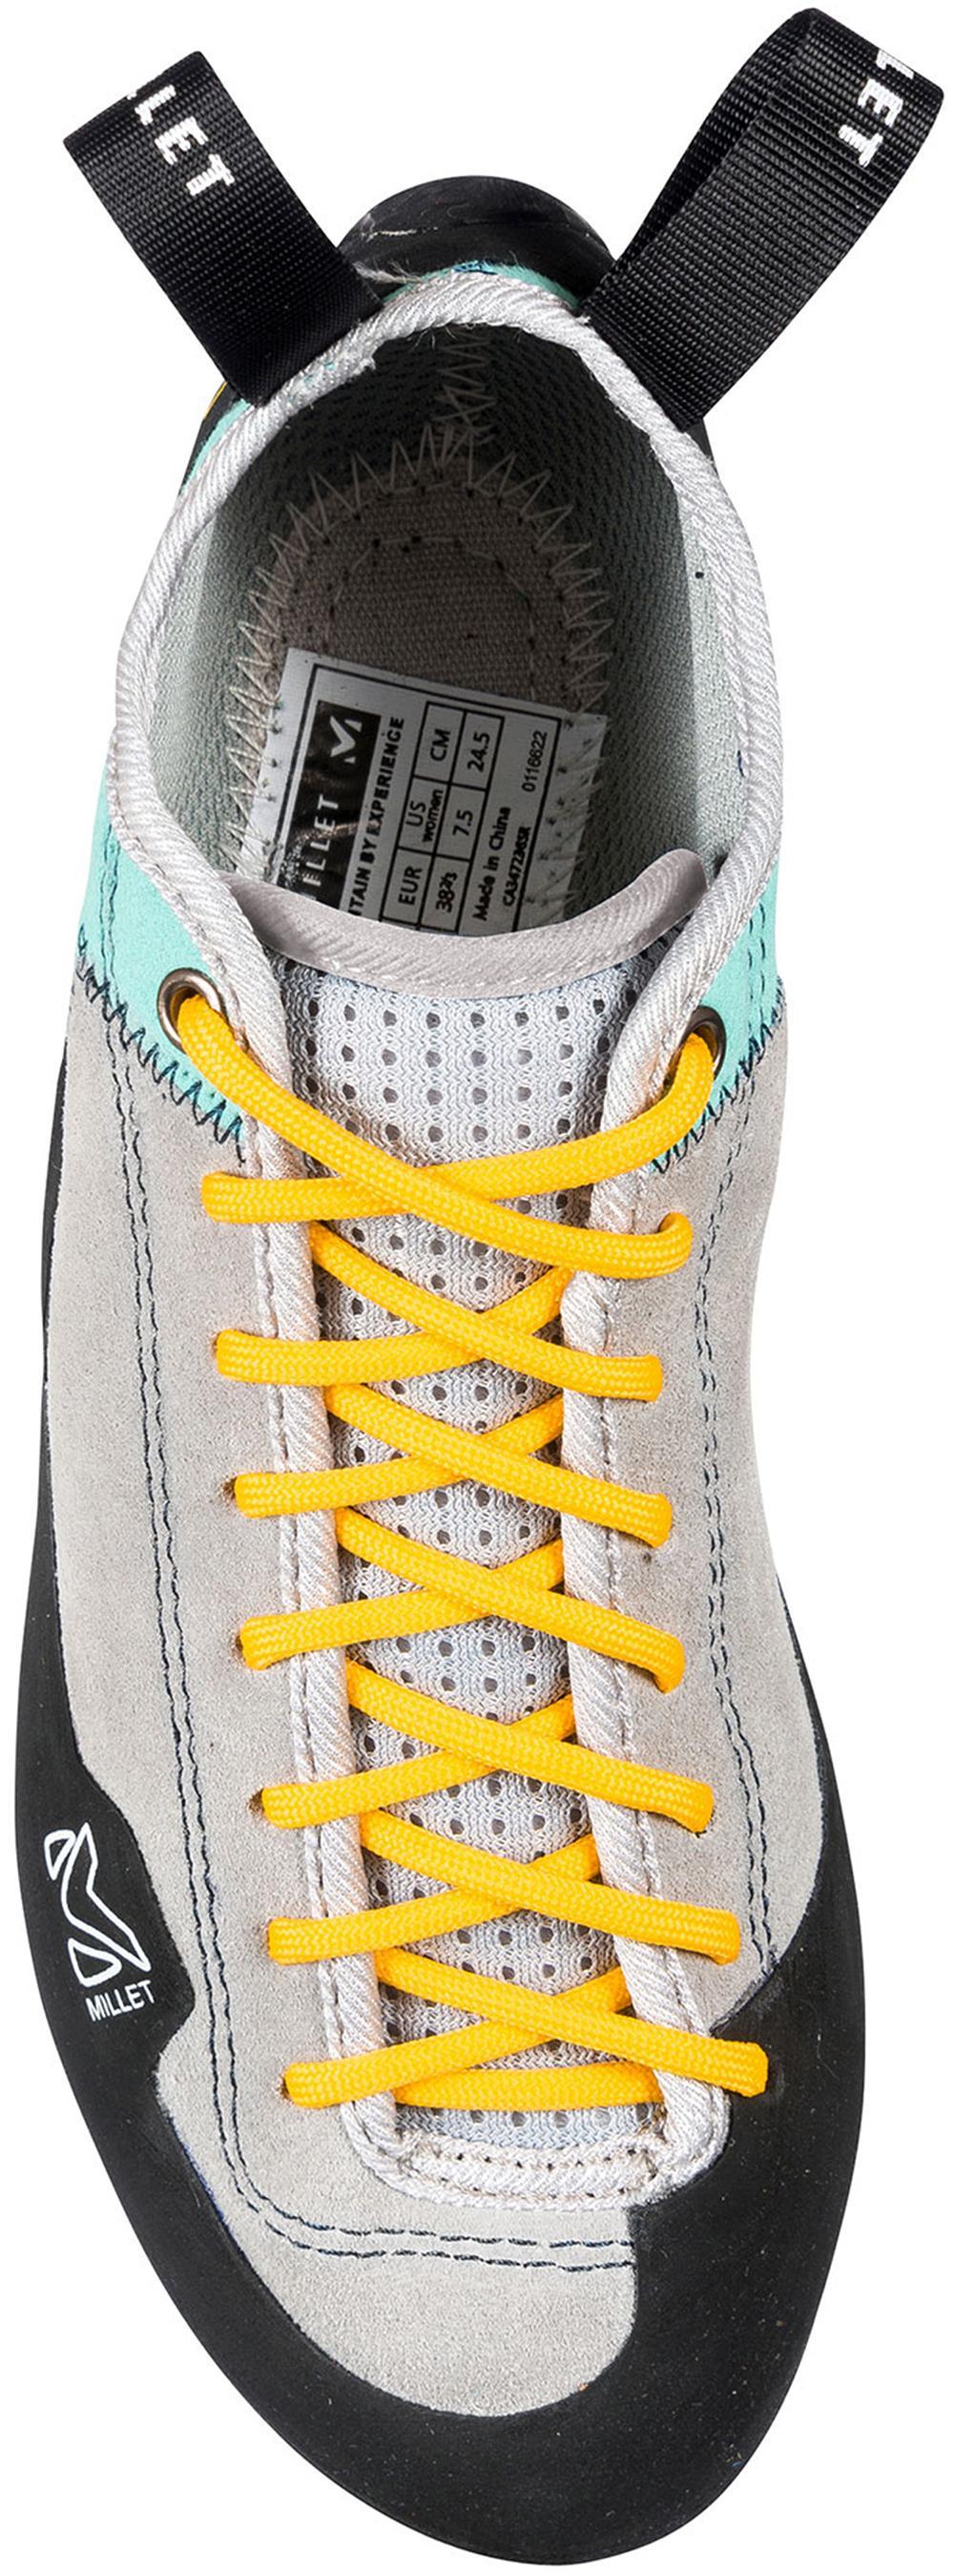 Millet Rock Up Kletterschuhe Damen metal grau-pool Blau Blau Blau im Online Shop von SportScheck kaufen Gute Qualität beliebte Schuhe 72a05e